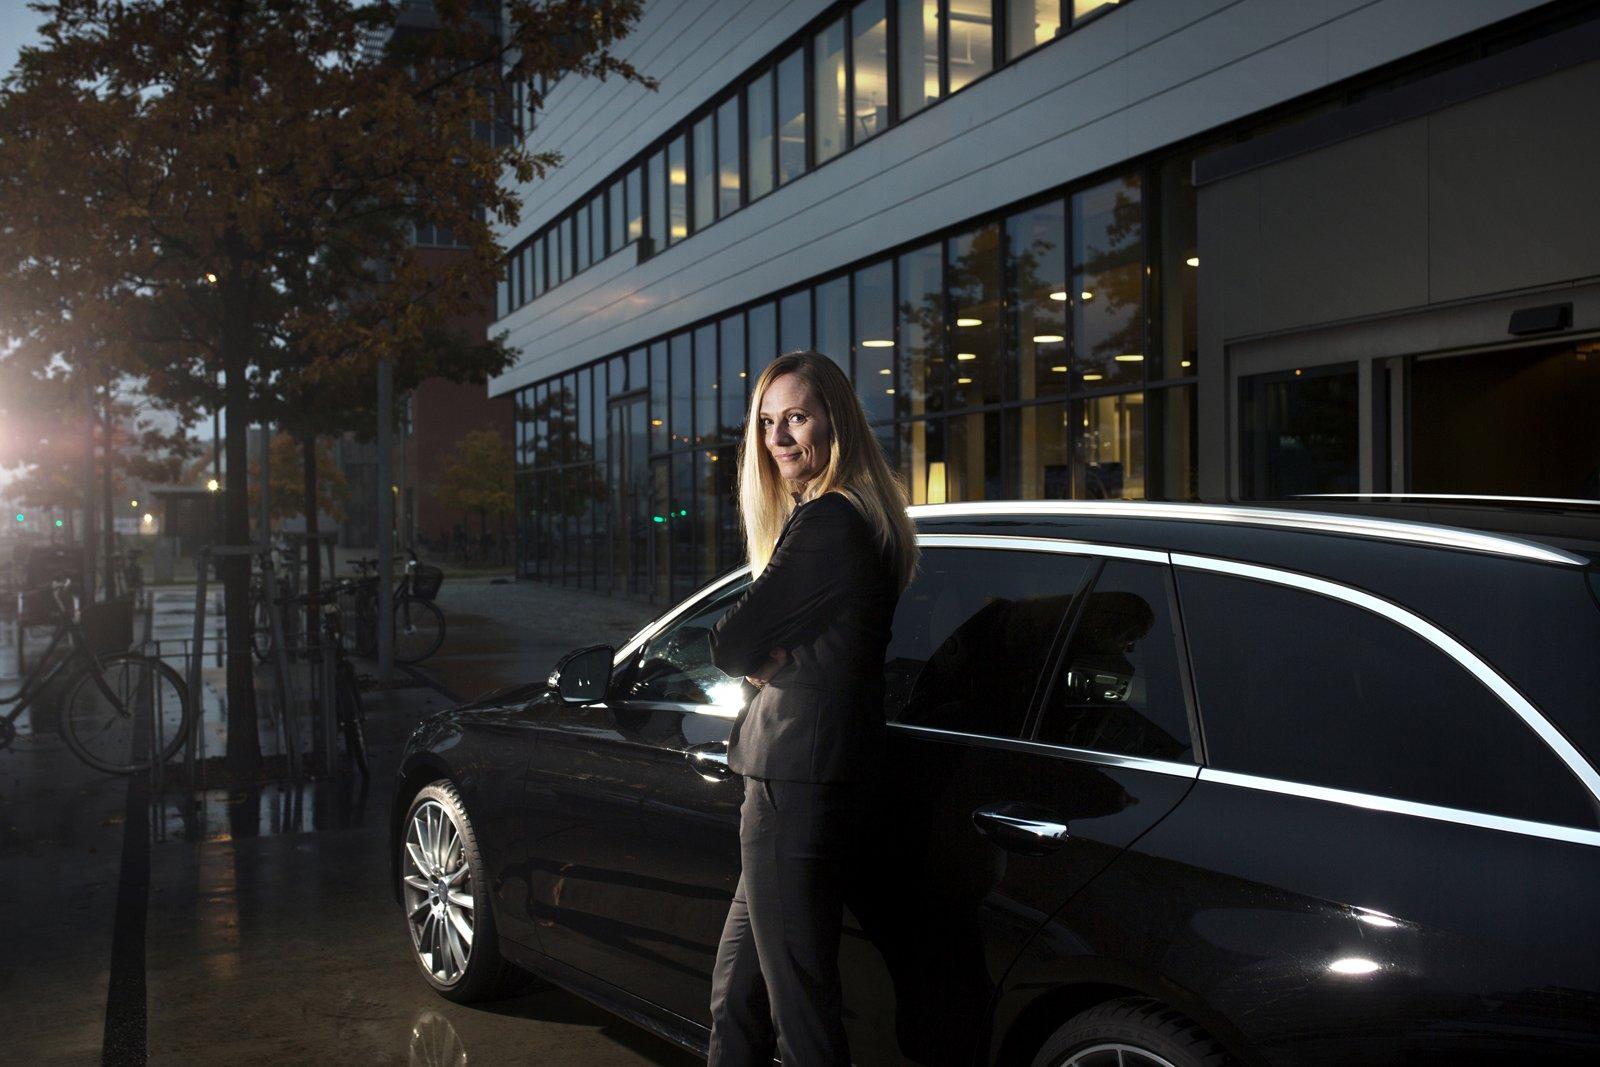 """Rikke Hamilton framför sin tjänstebil – En Mercedes GLE 400 Coupé """"Vi har tre barn och detta är den perfekta familjebilen om man vill ha en bil som sticker ut lite"""". Foton: Jenny Leyman."""